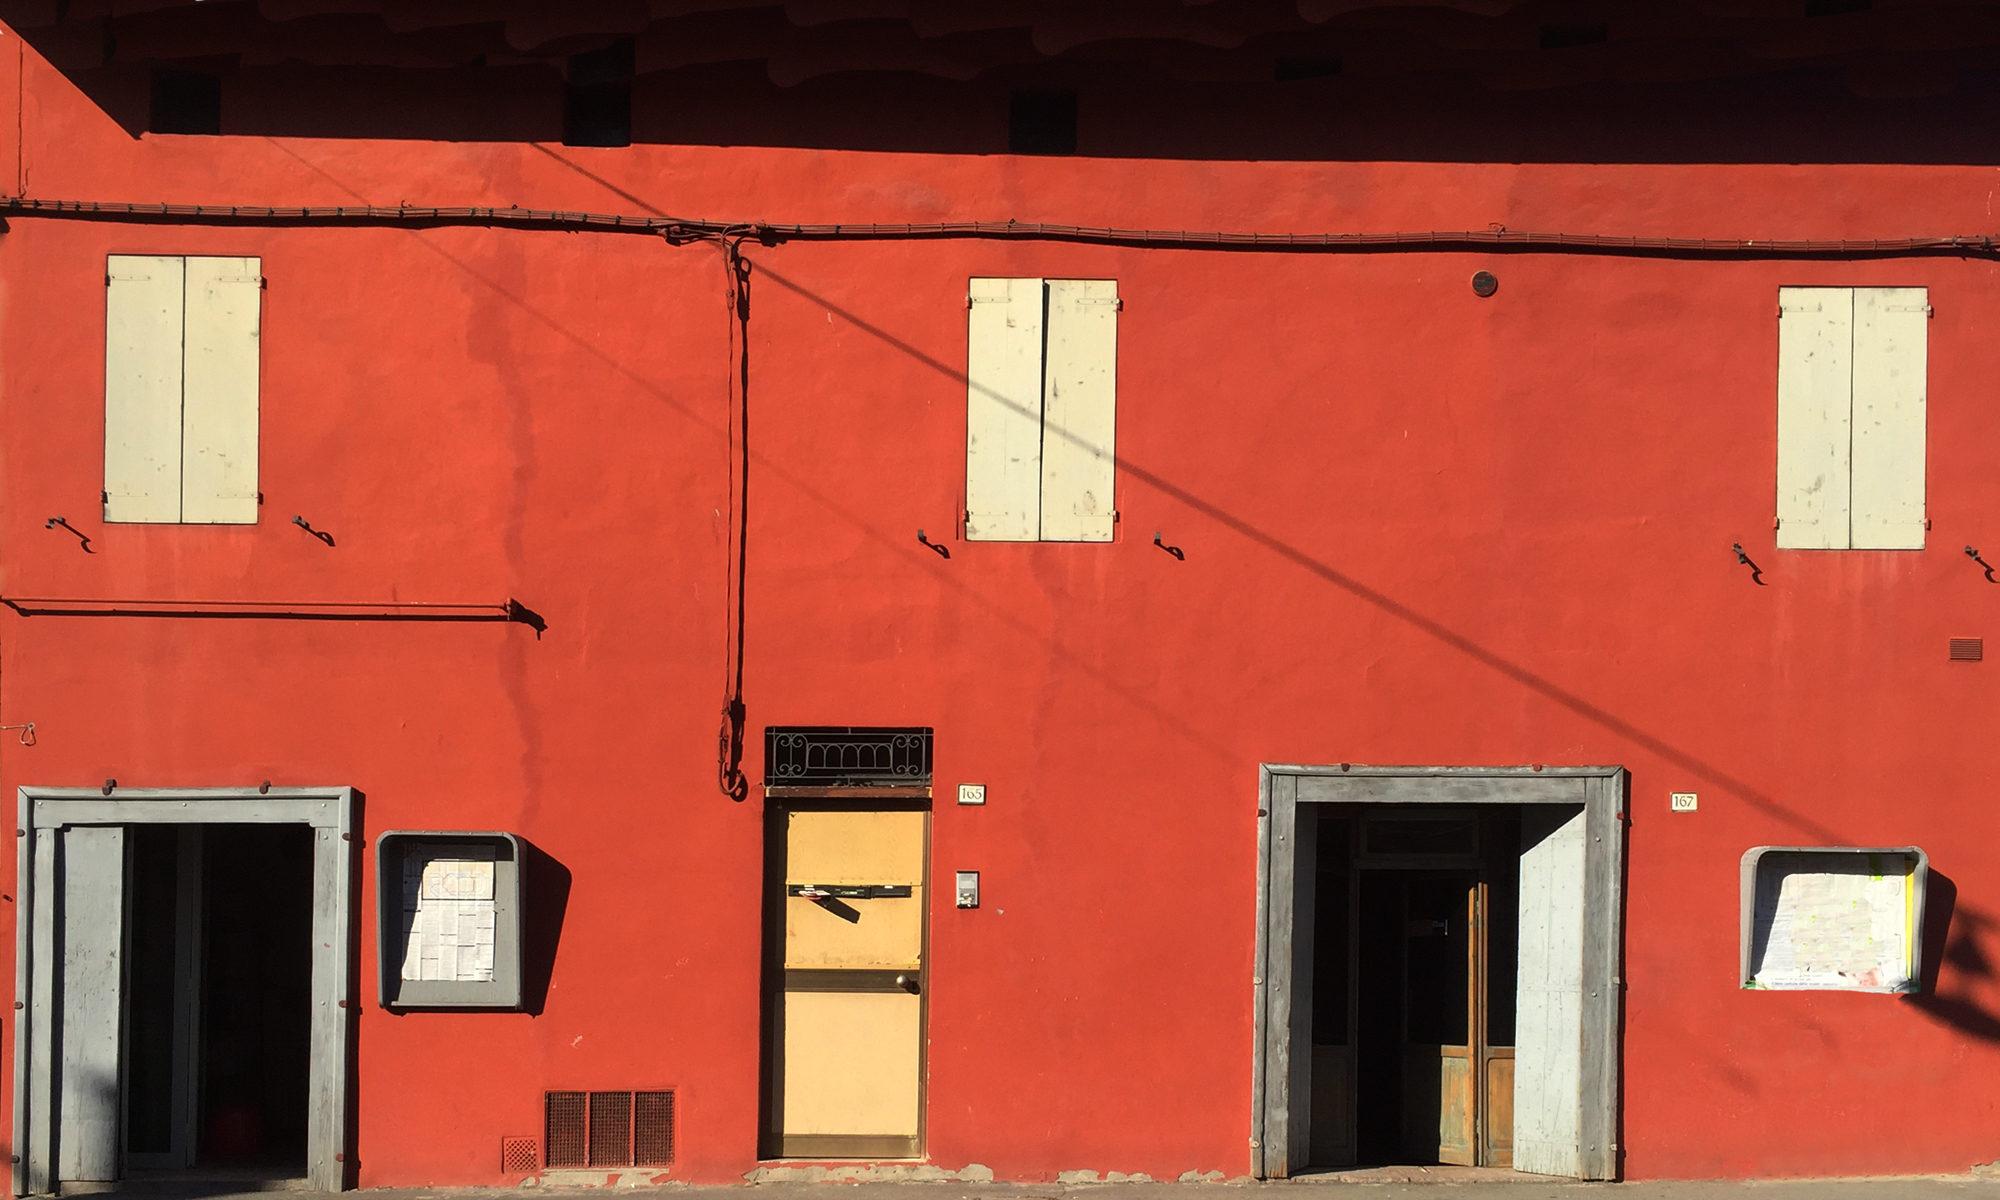 Centro culturale Almo